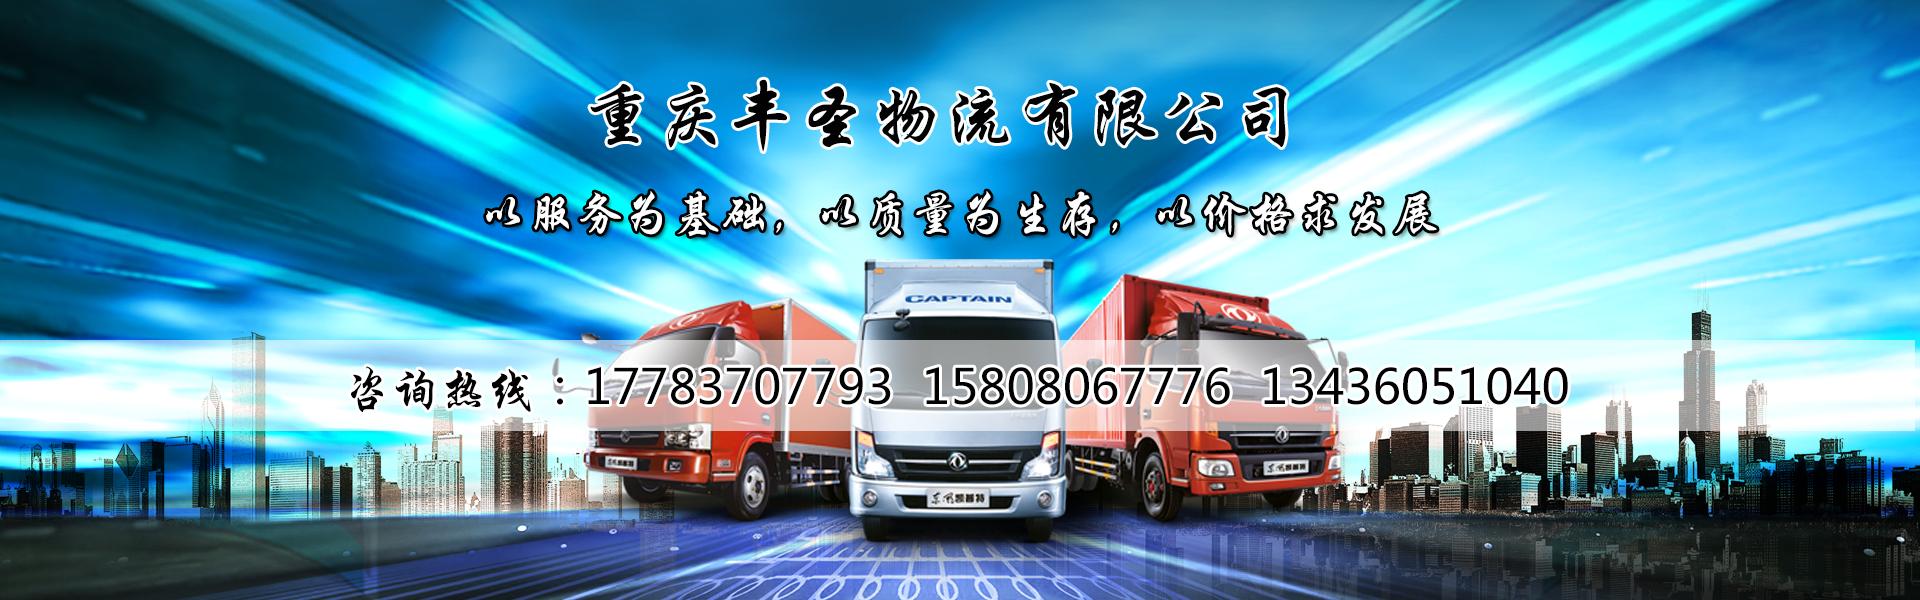 重庆丰圣物流有限公司的联系电话